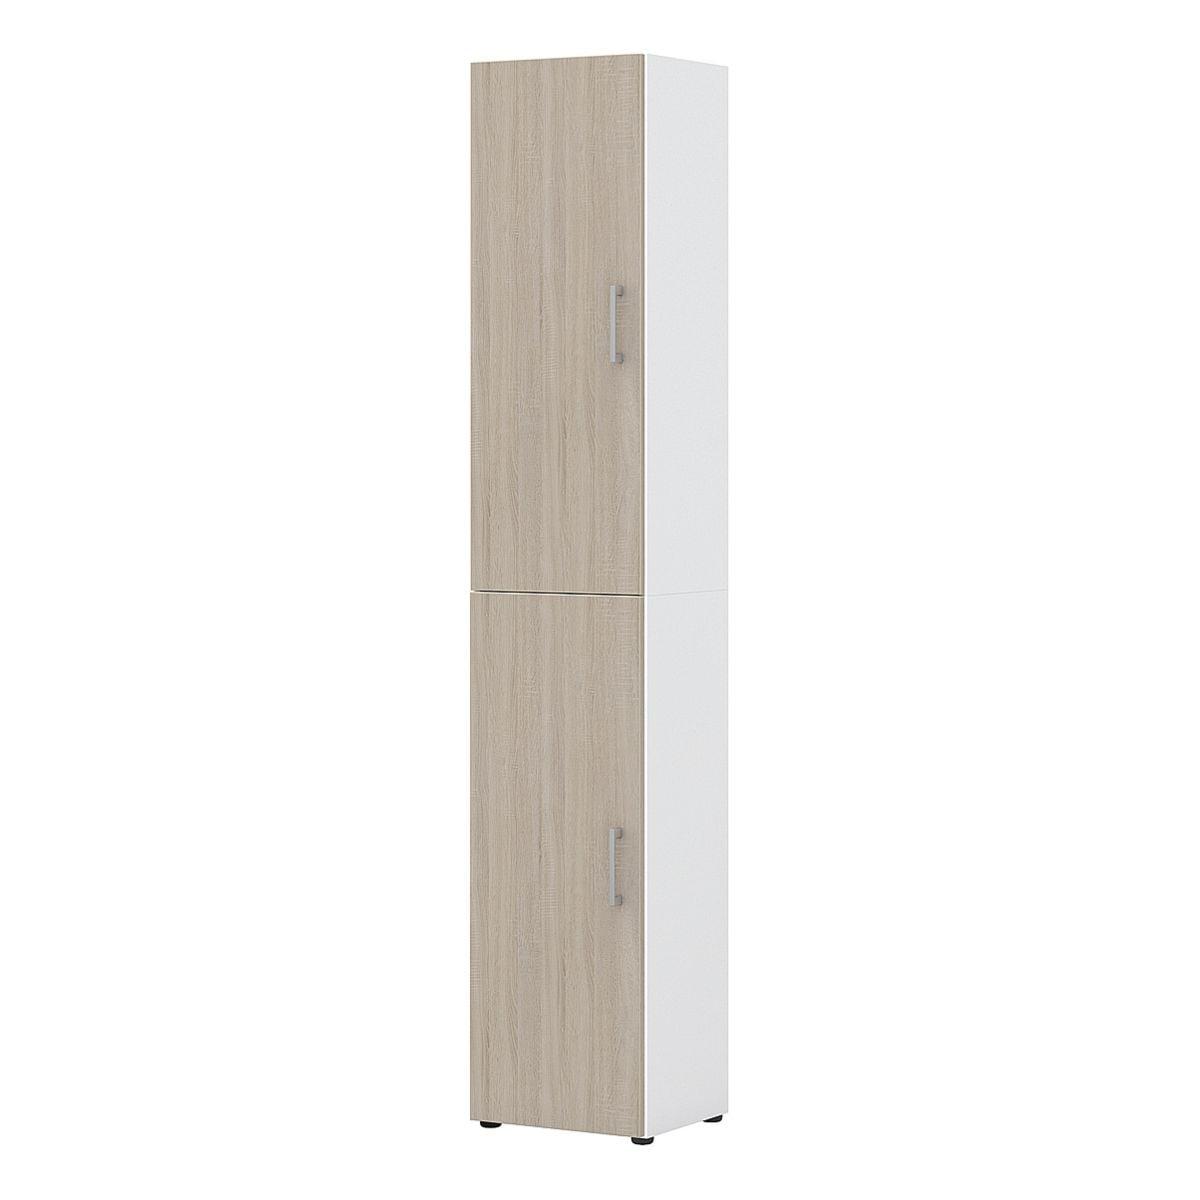 r hr aktenschrank direct office 2 40 cm schmal 6 oh bei otto office g nstig kaufen. Black Bedroom Furniture Sets. Home Design Ideas